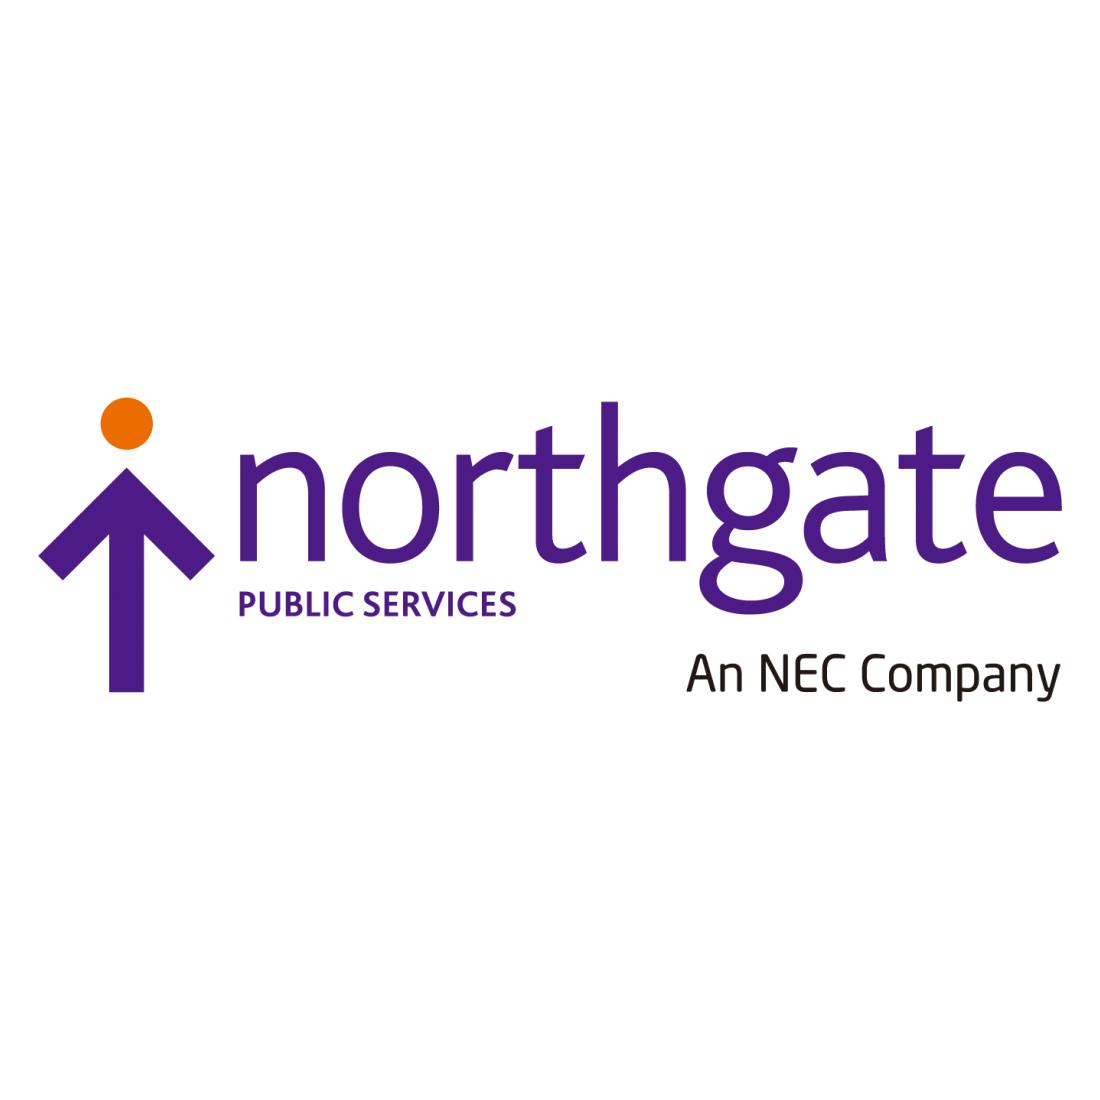 Northgate Public Services (NPS)